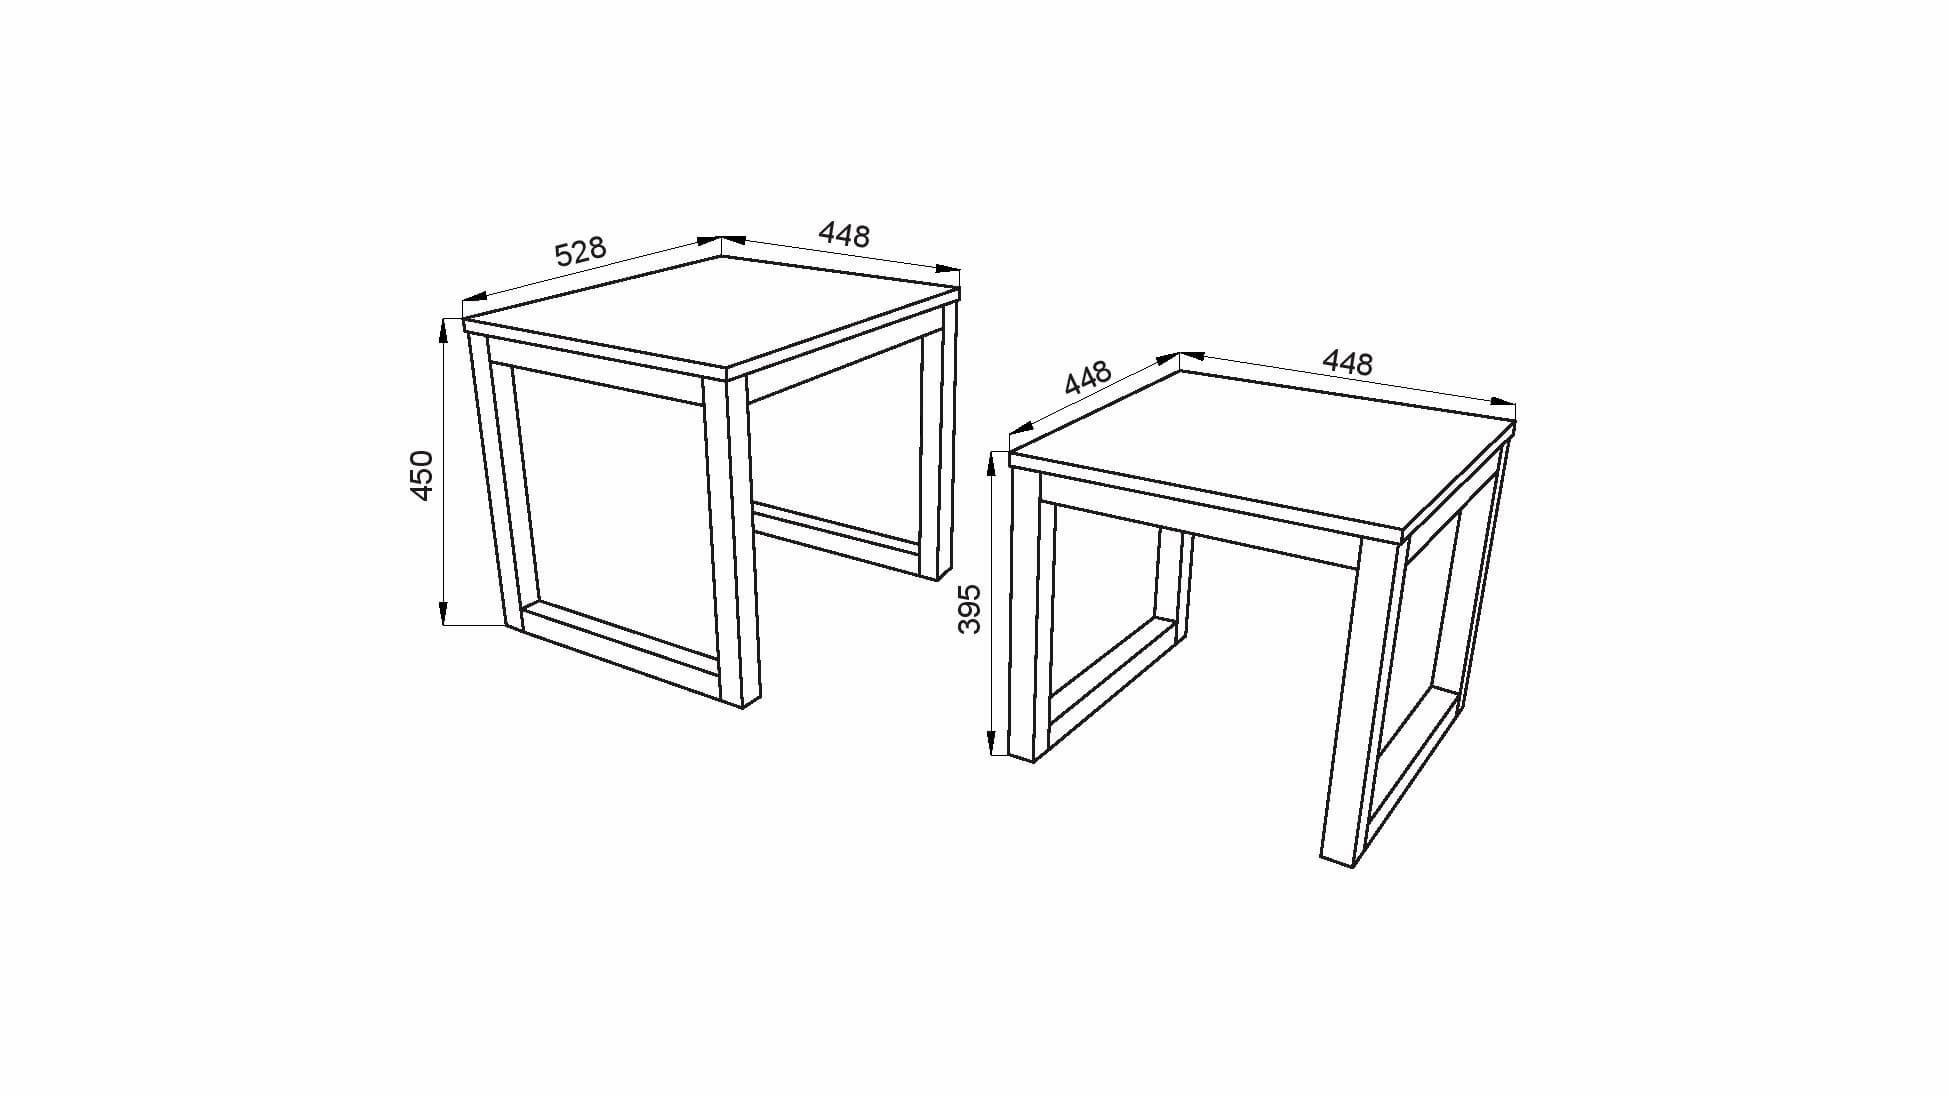 Rysunek techniczny wymiarów stoliki Lars